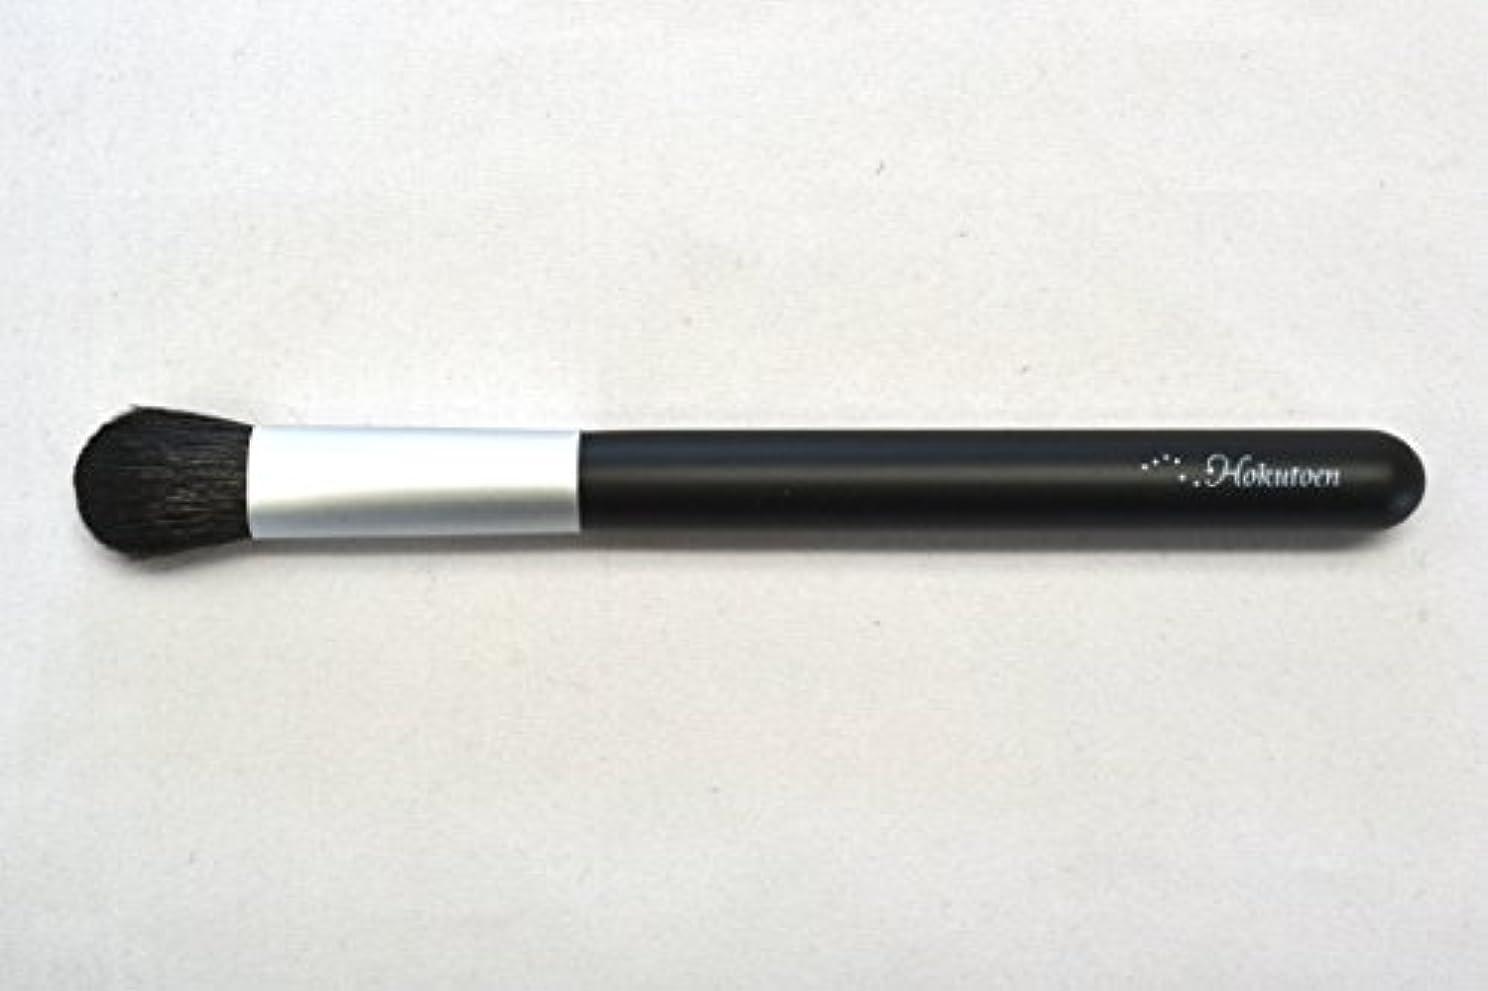 レーザ地上で食堂熊野筆 北斗園 Kシリーズ アイシャドウブラシ丸型(黒銀)